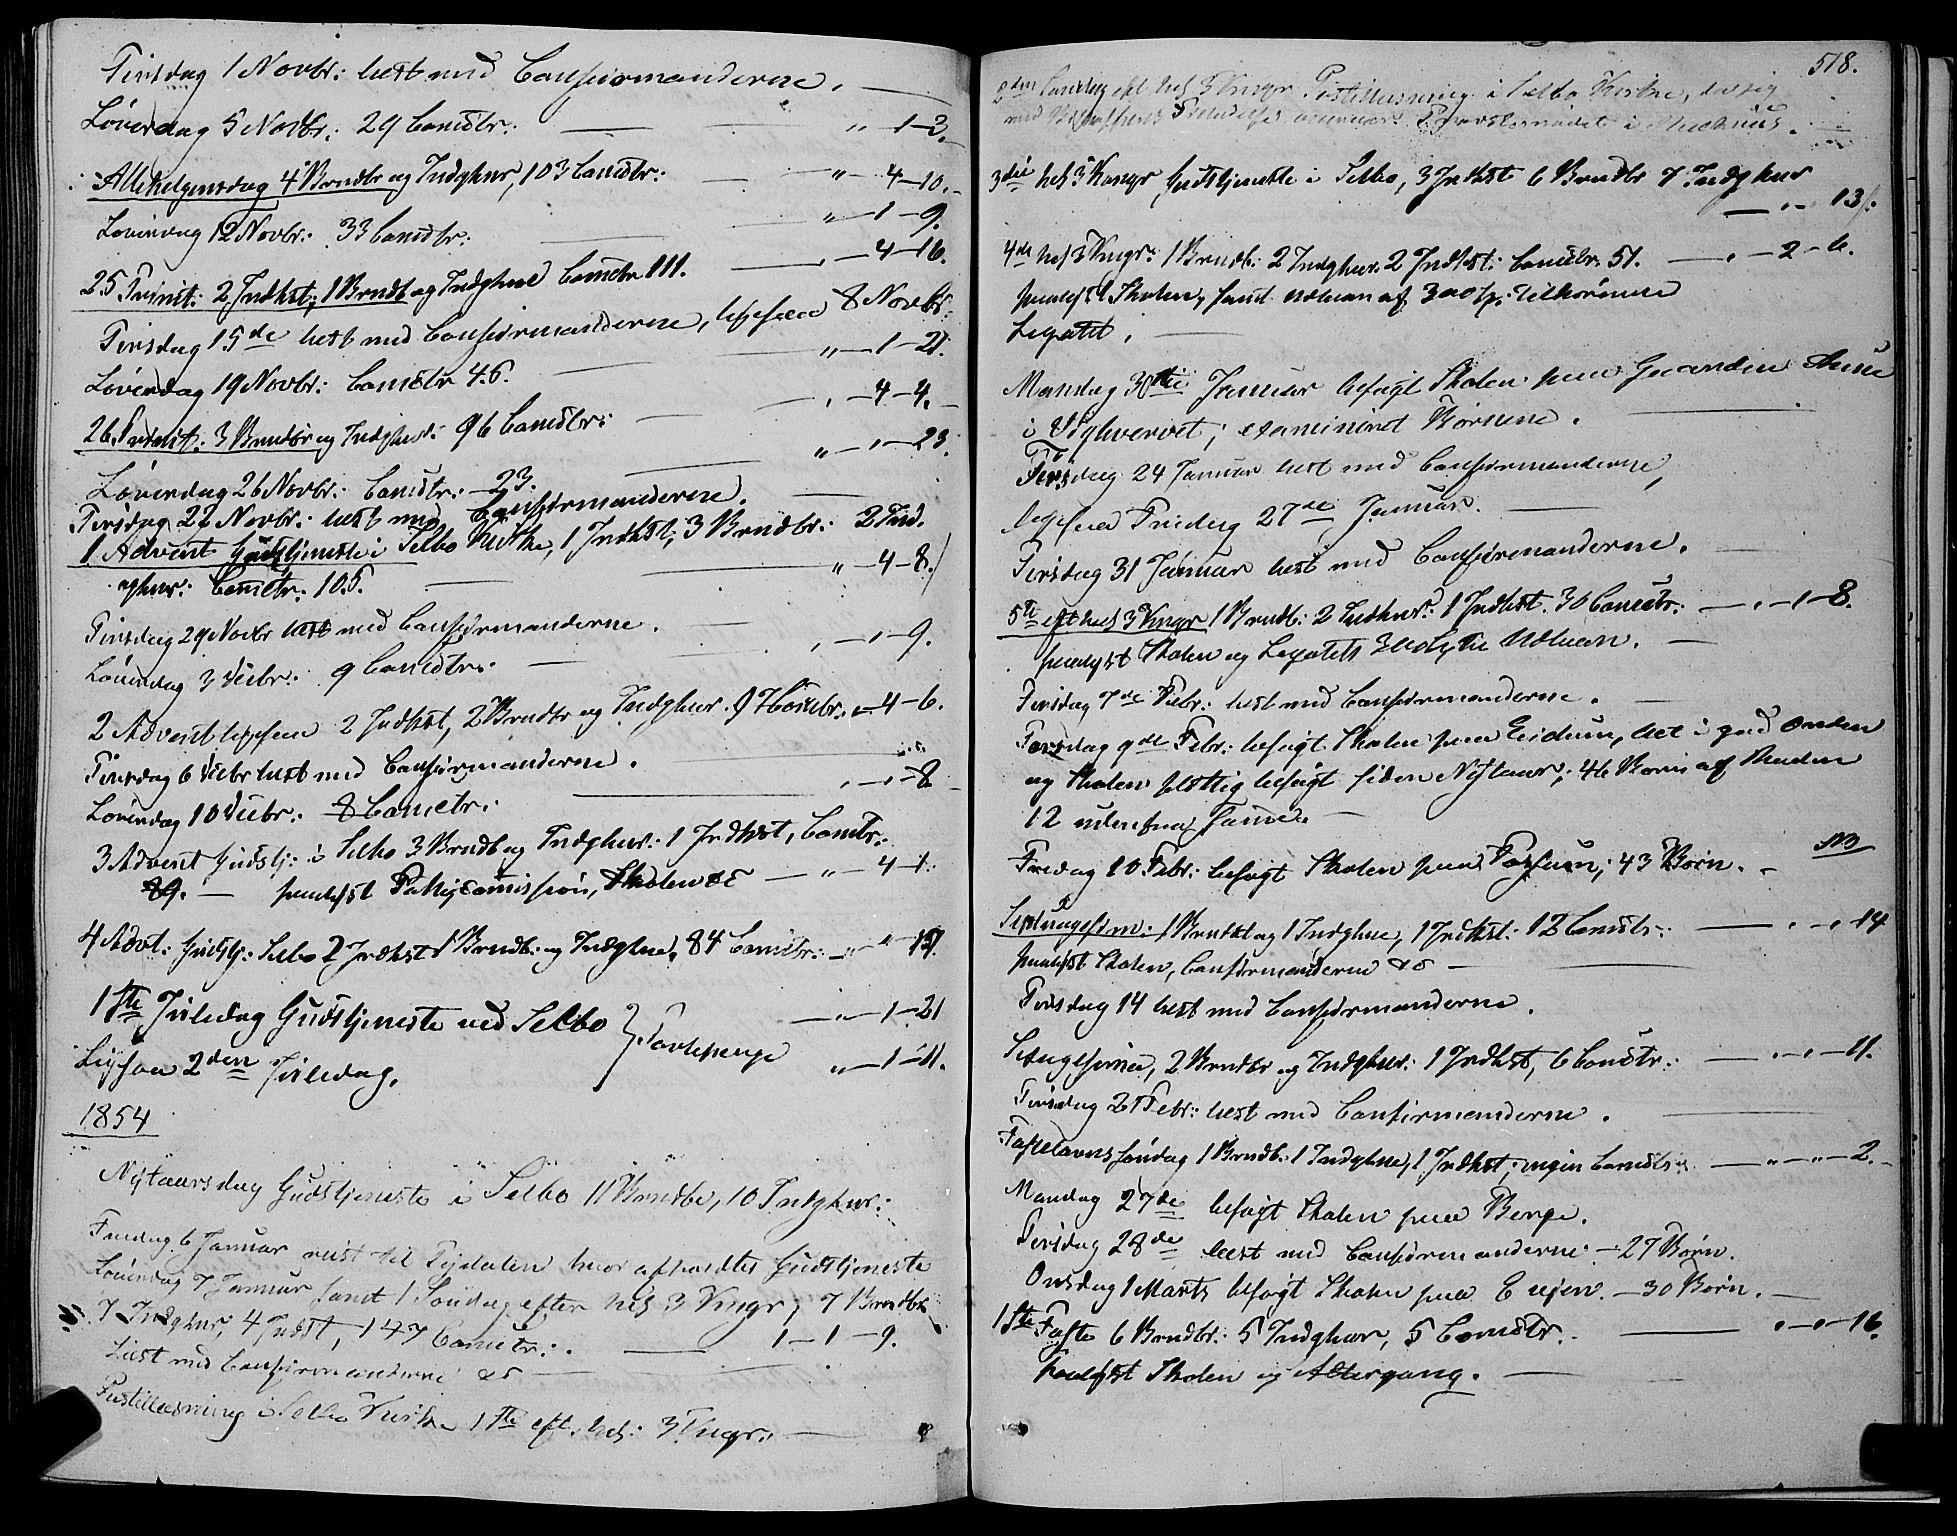 SAT, Ministerialprotokoller, klokkerbøker og fødselsregistre - Sør-Trøndelag, 695/L1145: Ministerialbok nr. 695A06 /1, 1843-1859, s. 518